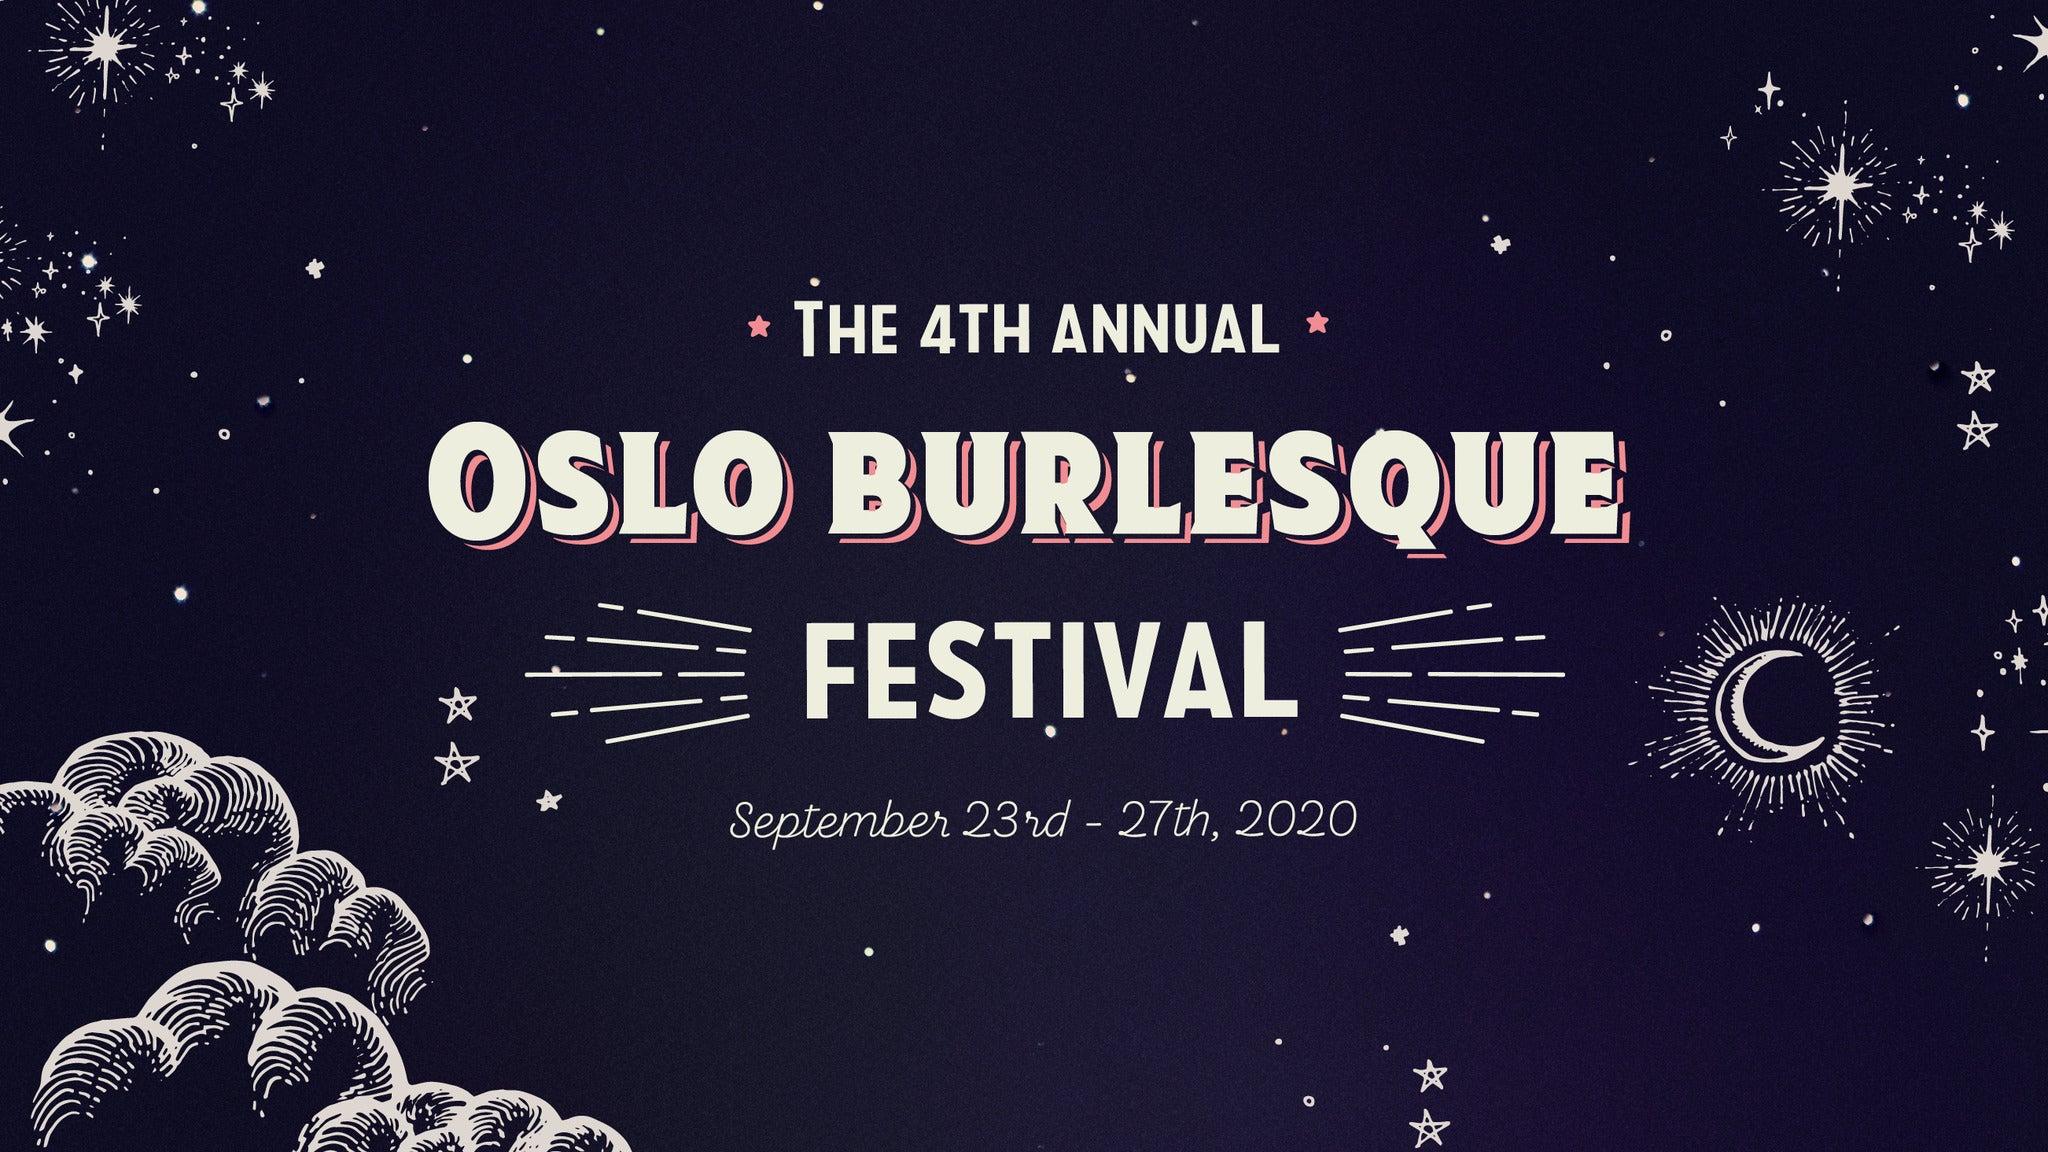 Oslo Burlesque Festival